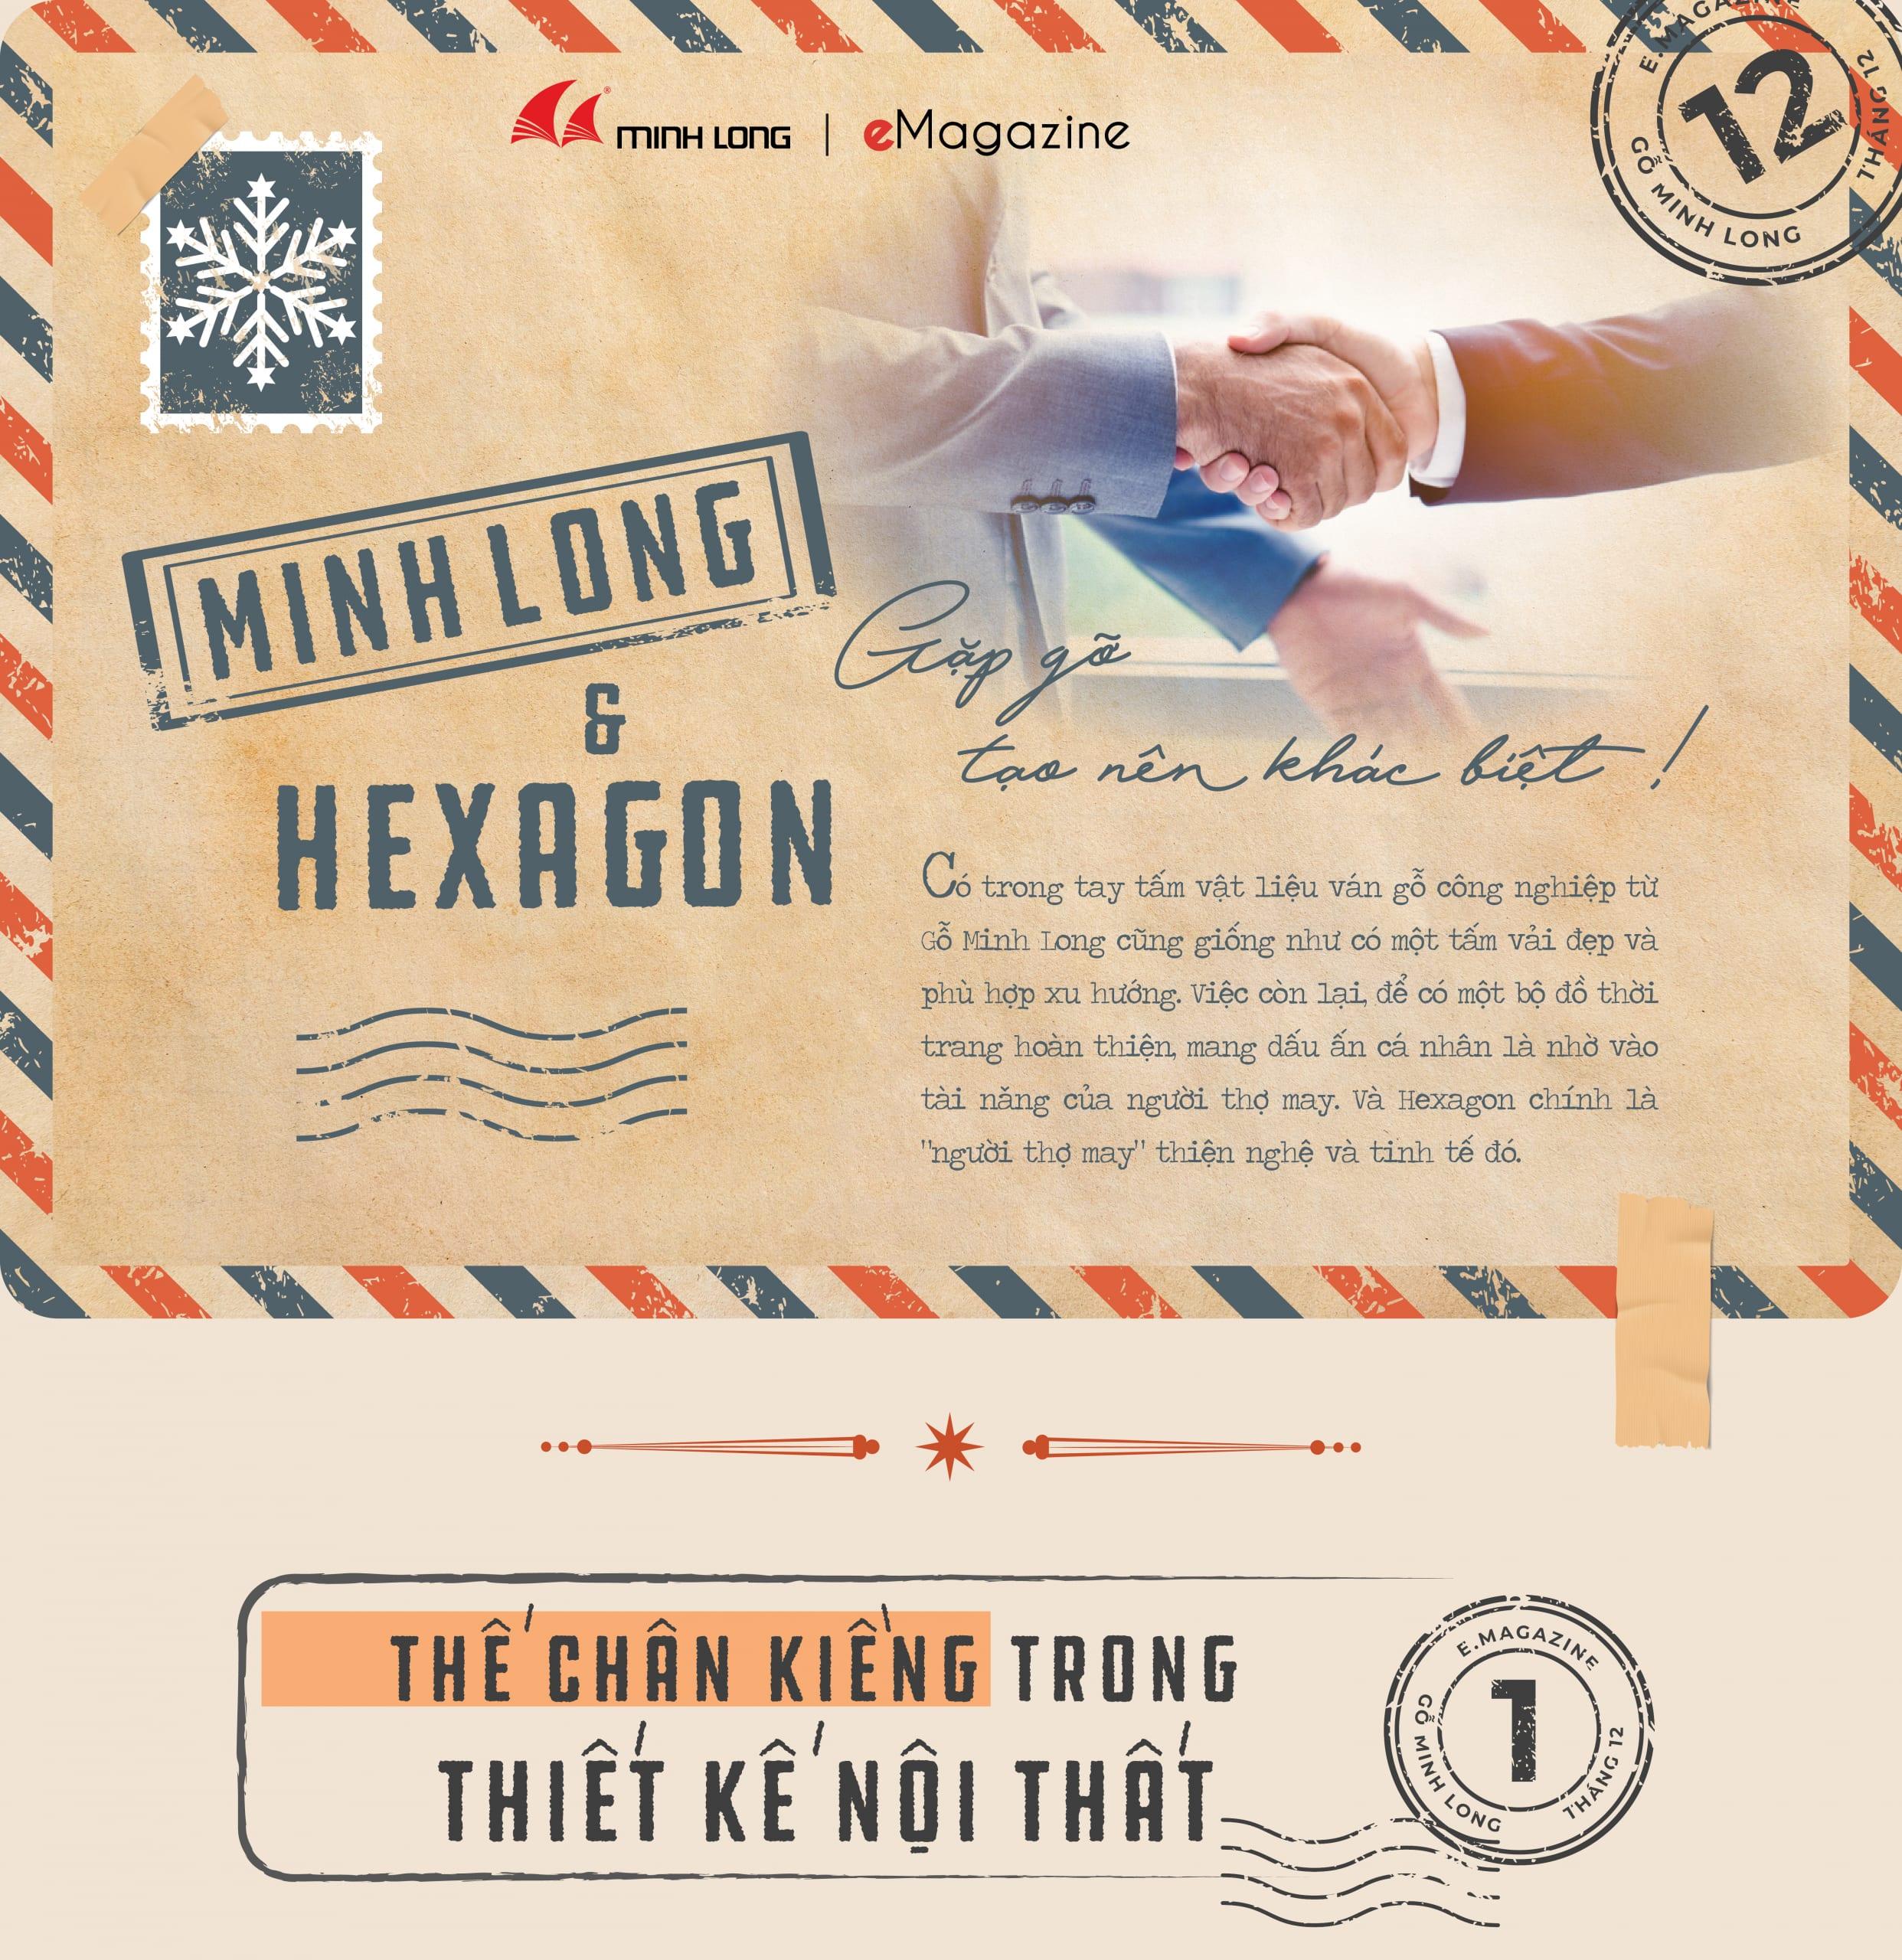 eMagazine12/2020: Minh Long & Hexagon – Gặp gỡ tạo nên khác biệt